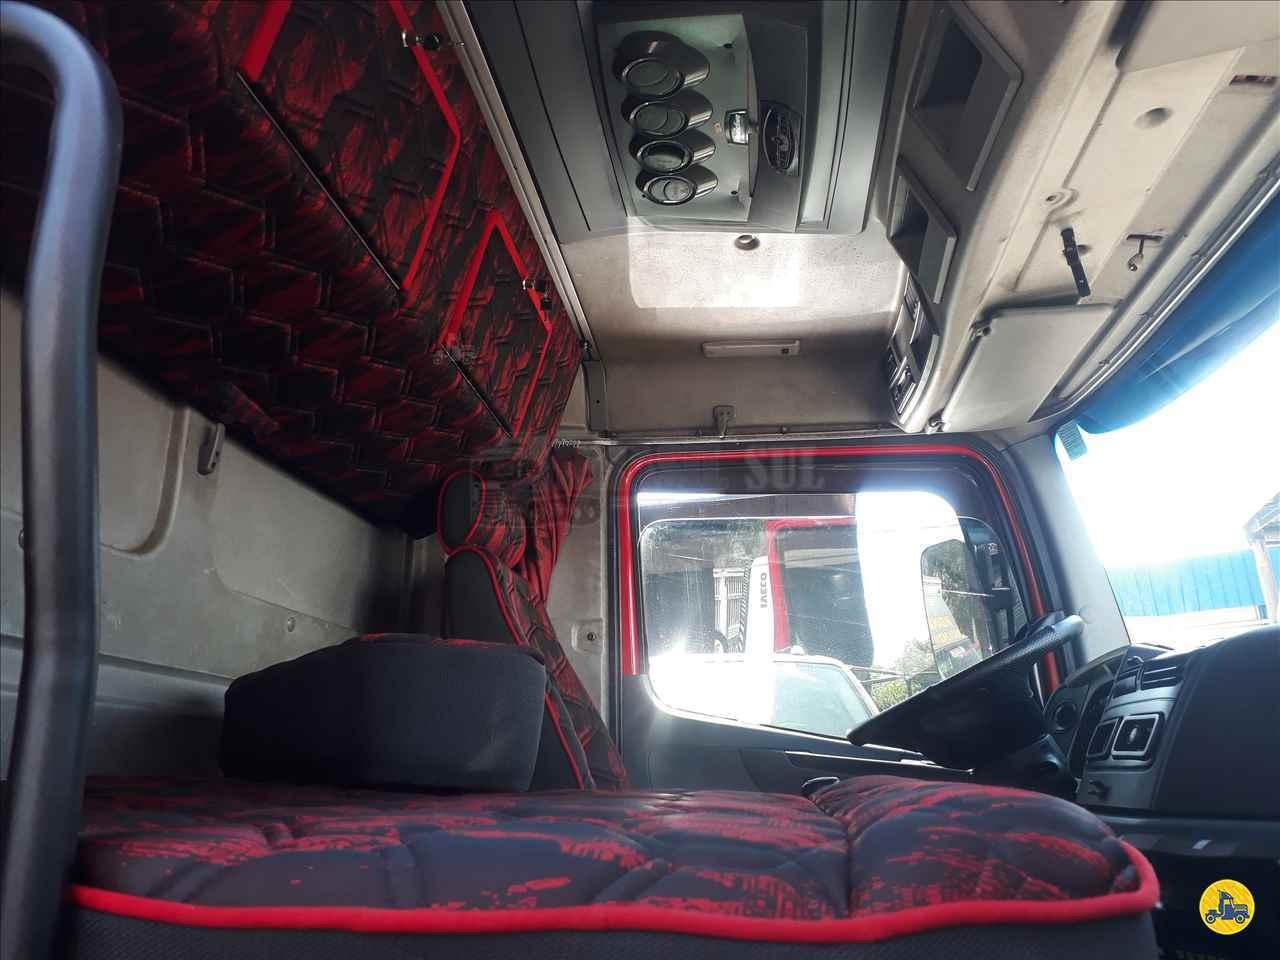 MERCEDES-BENZ MB 2425  2011/2011 Brasil Sul Caminhões